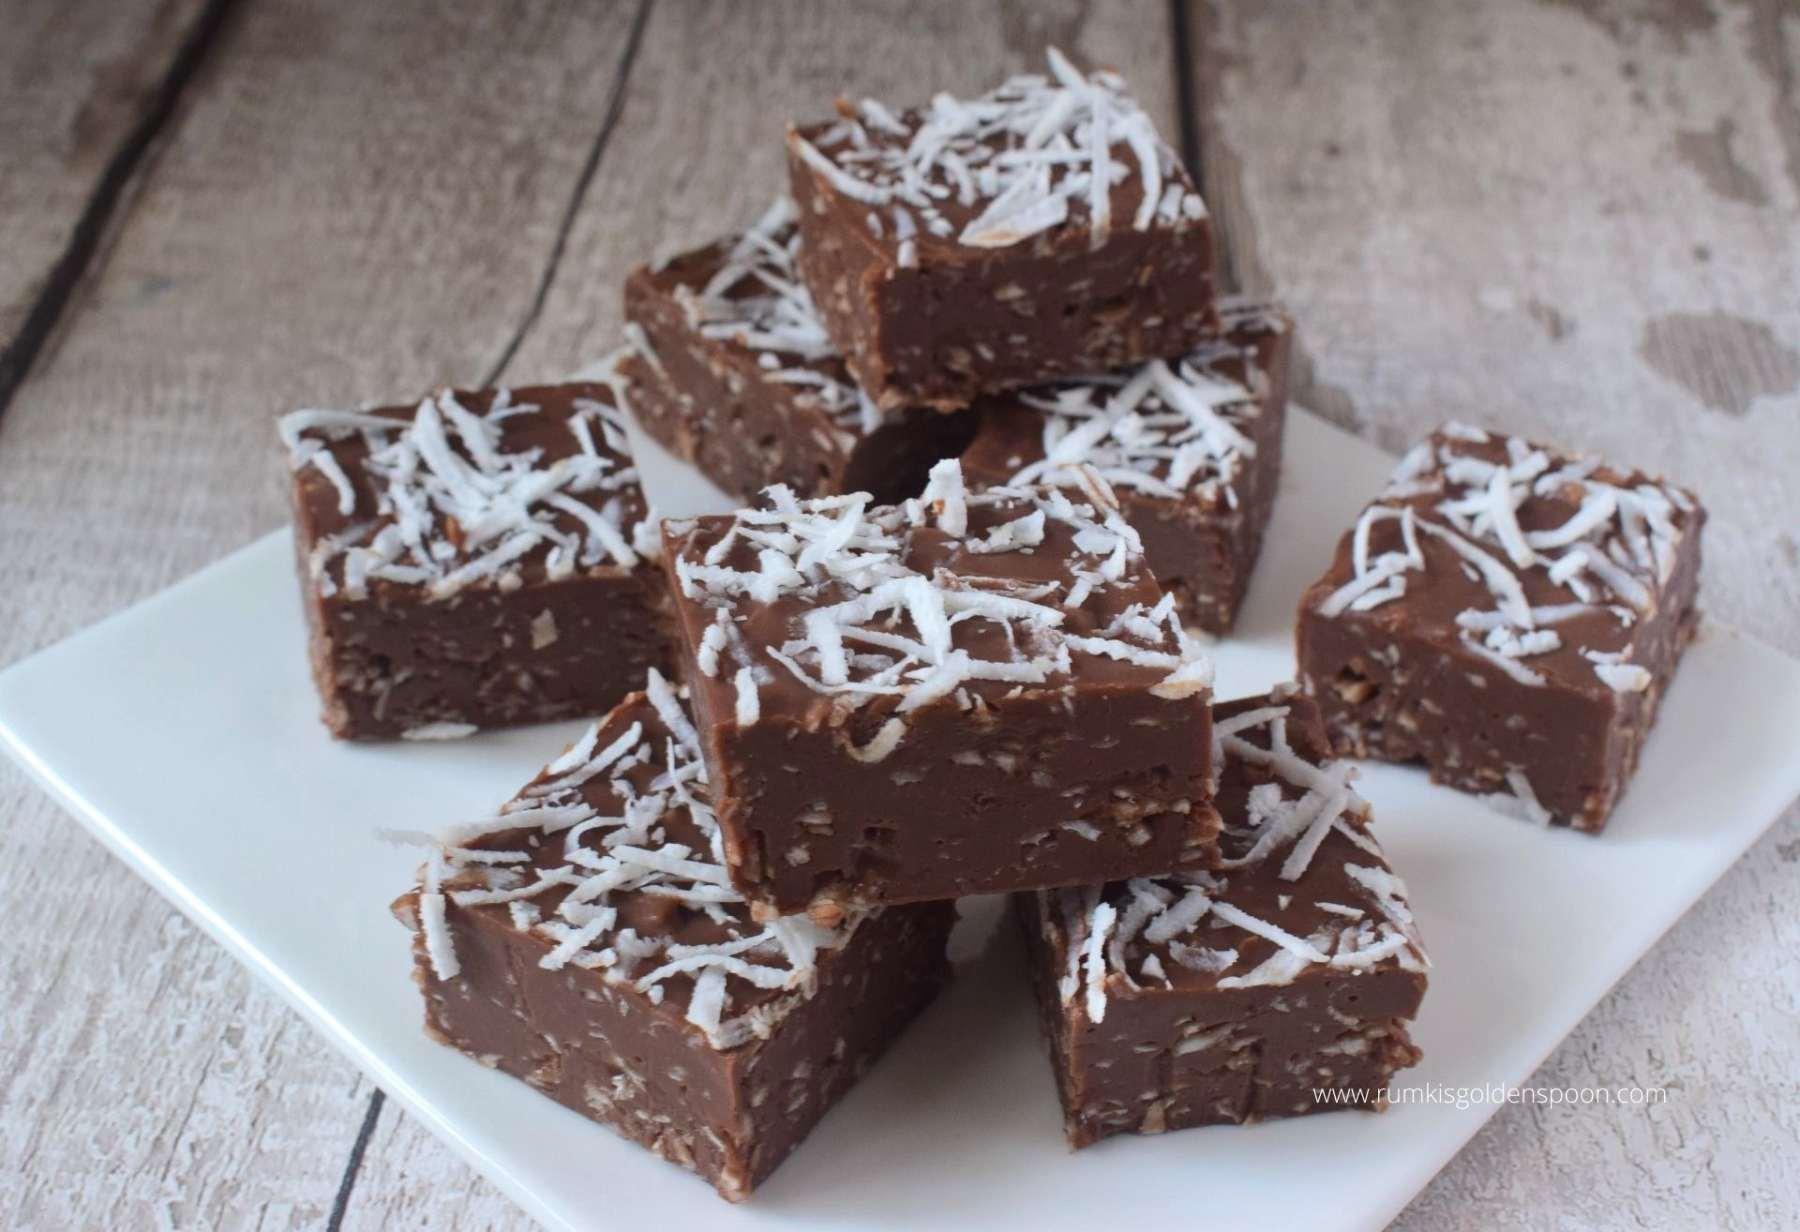 Chocolate Coconut Fudge Recipe Coconut Condensed Milk Fudge Fudge Recipe For Christmas Rumki S Golden Spoon